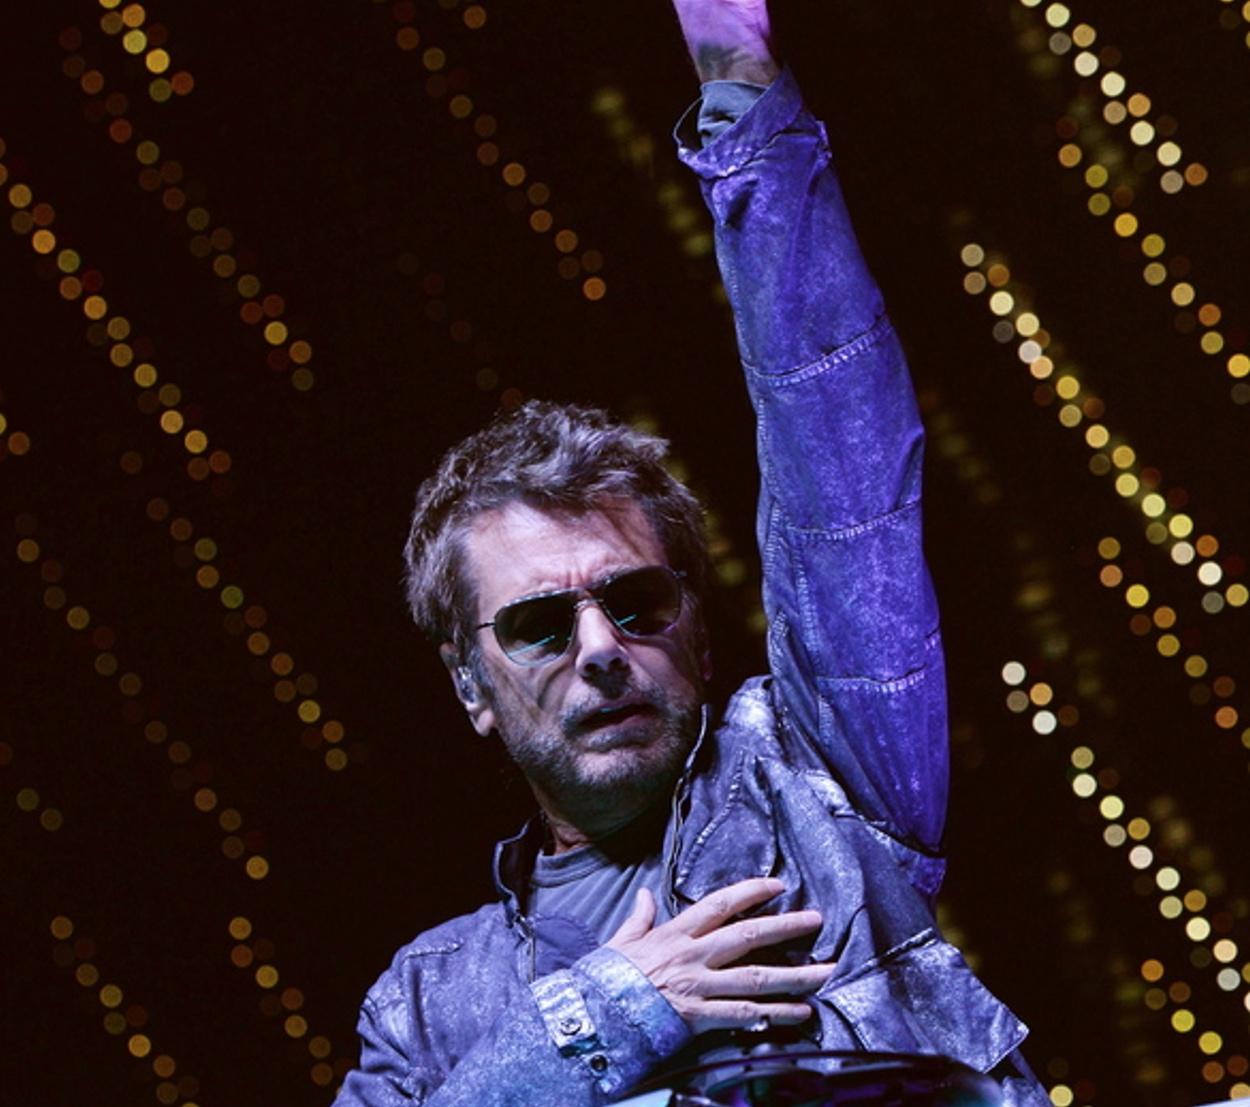 Πρωτοχρονιά με τον Ζαν Μισέλ Ζαρ στη Νοτρ Νταμ με μια φαντασμαγορική συναυλία